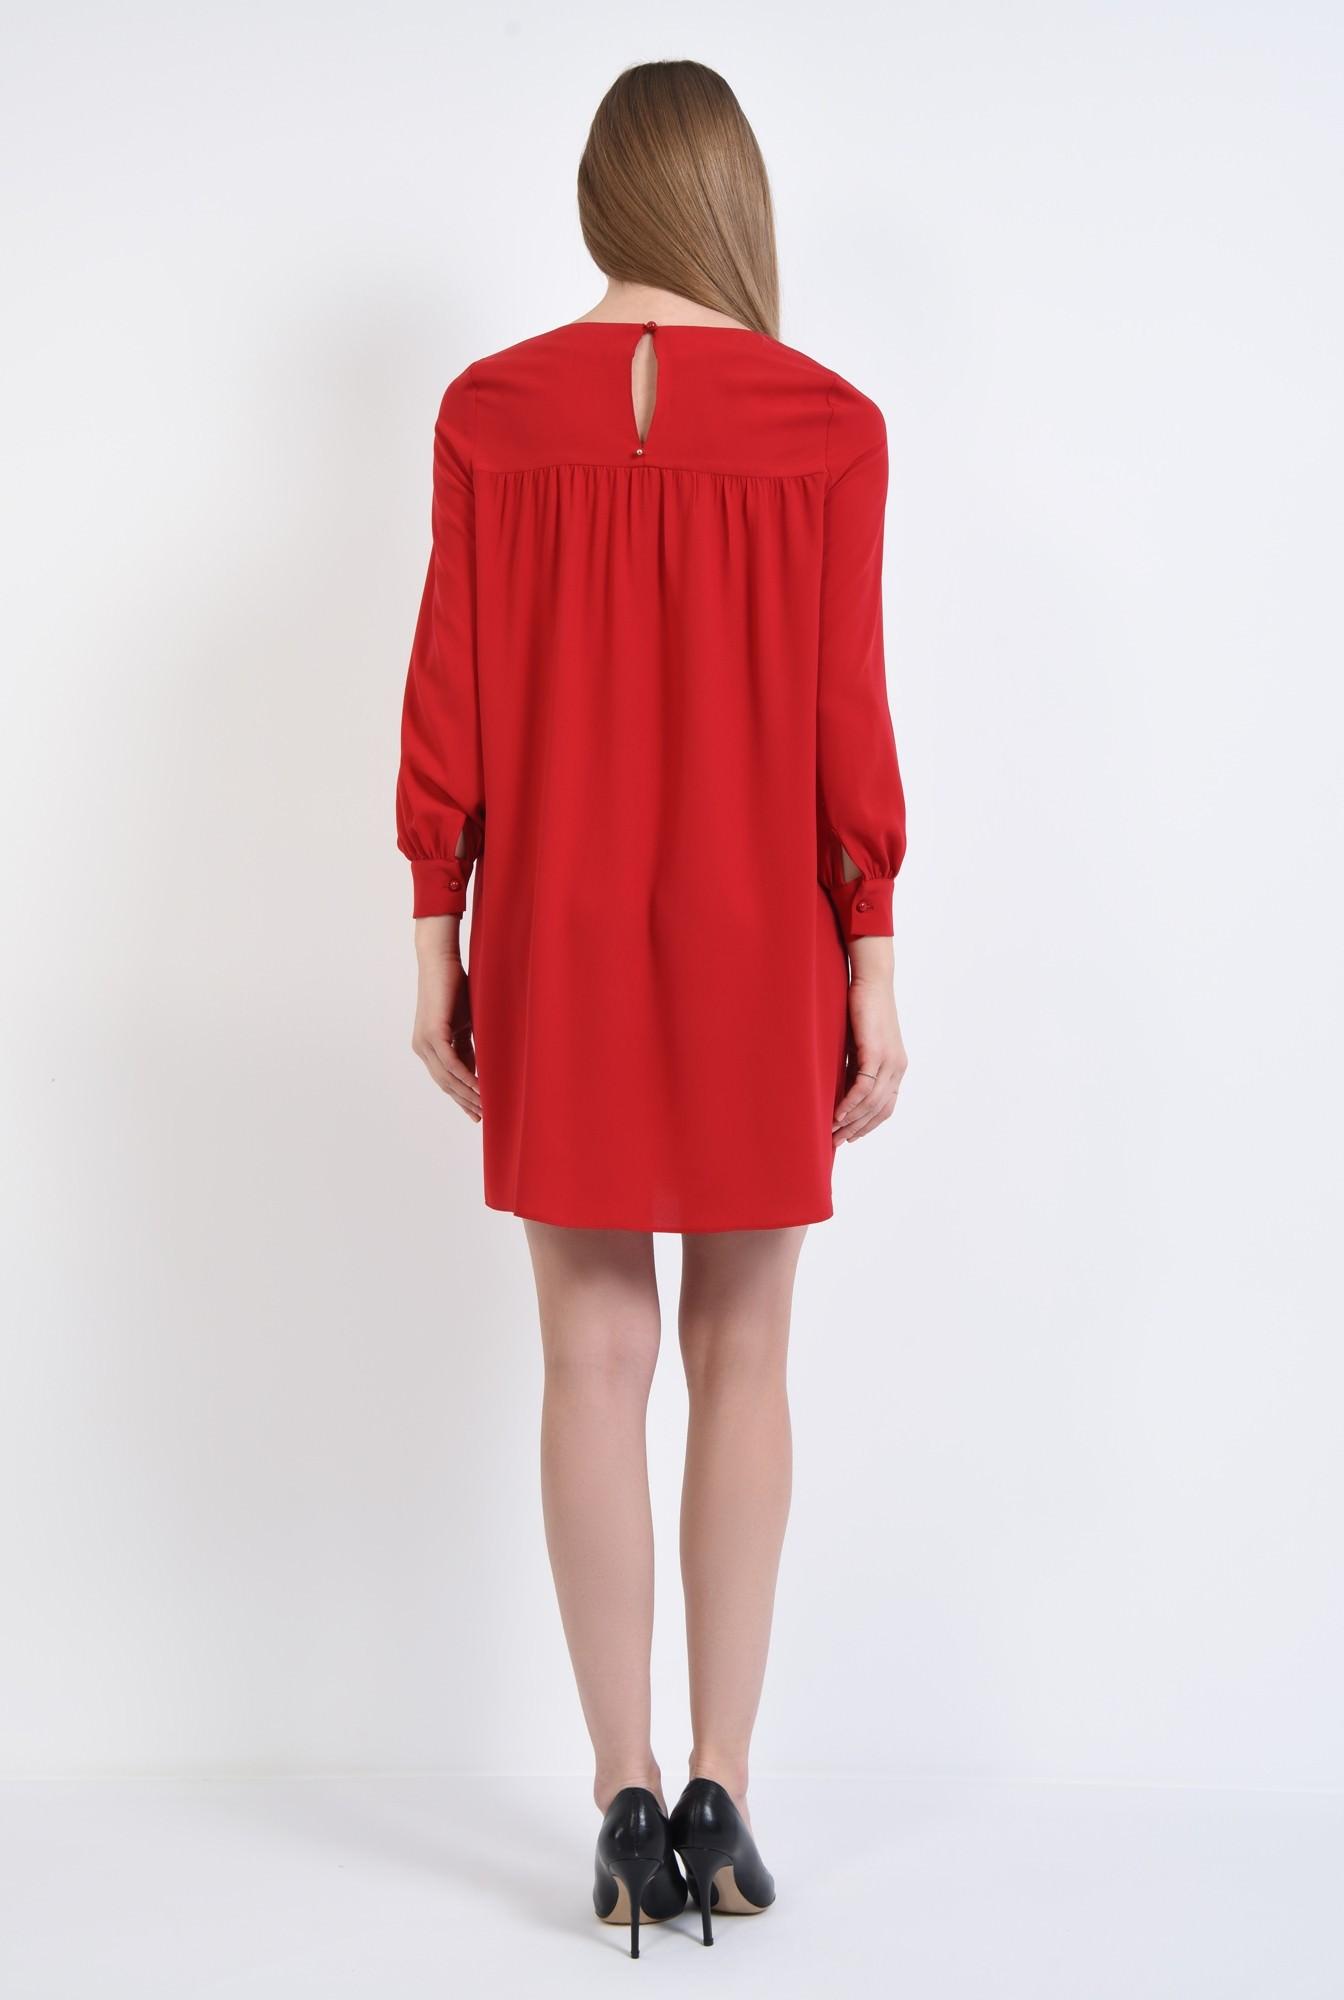 1 - 360 - rochie scurta rosie, croi evazat, tesatura fluida